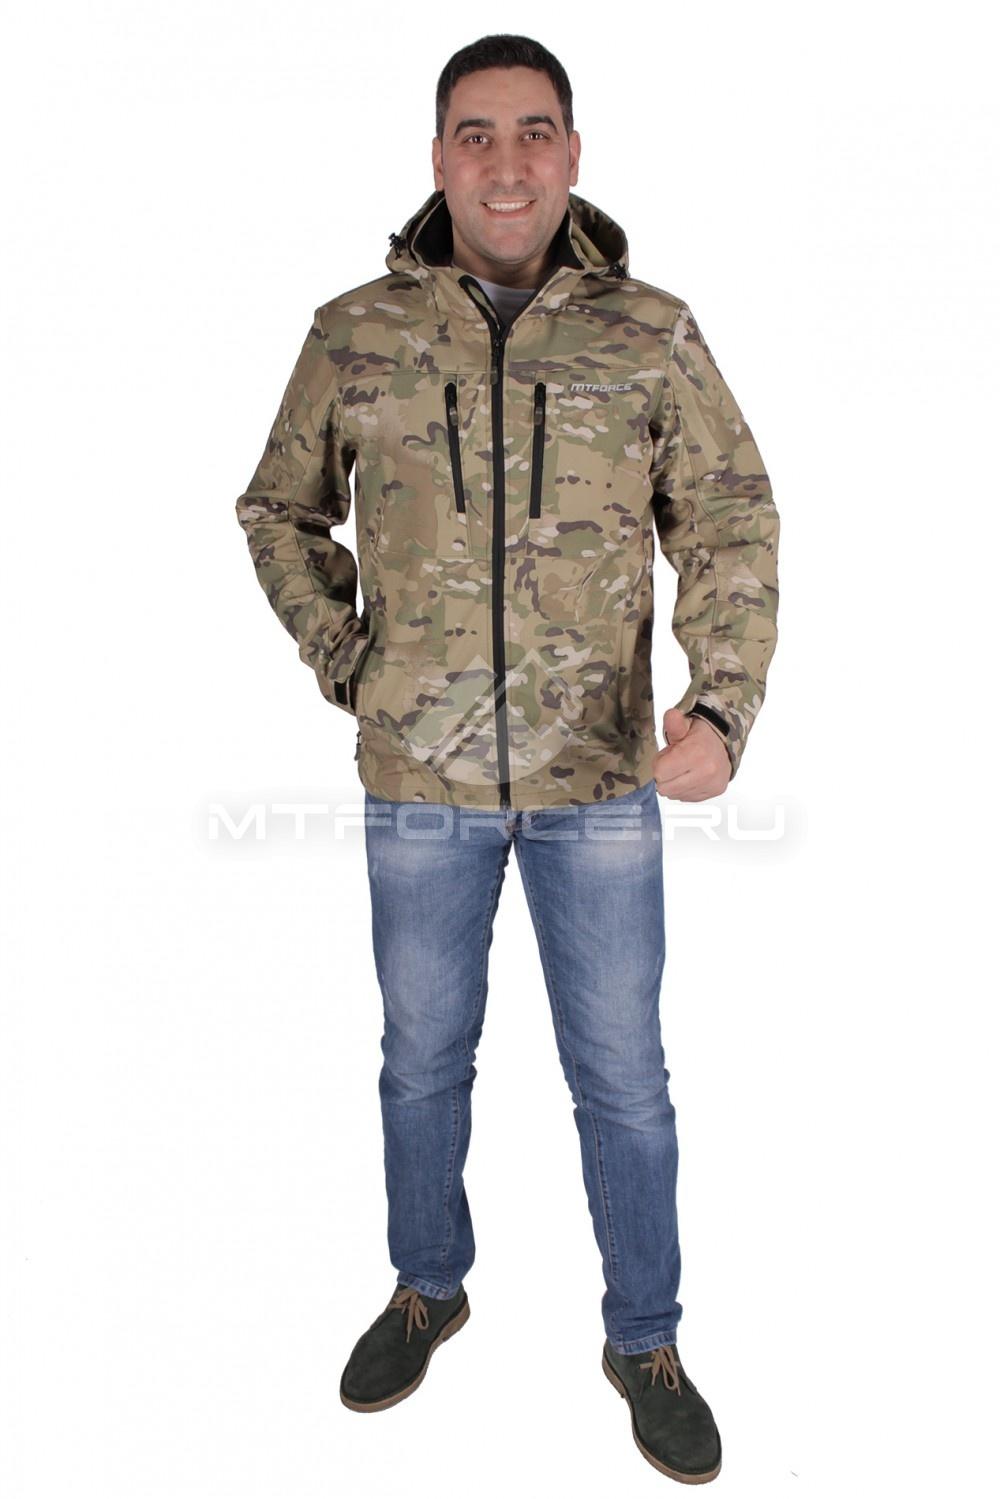 Купить                                  оптом Ветровка - виндстоппер мужская бежевого цвета 1733B в Новосибирске